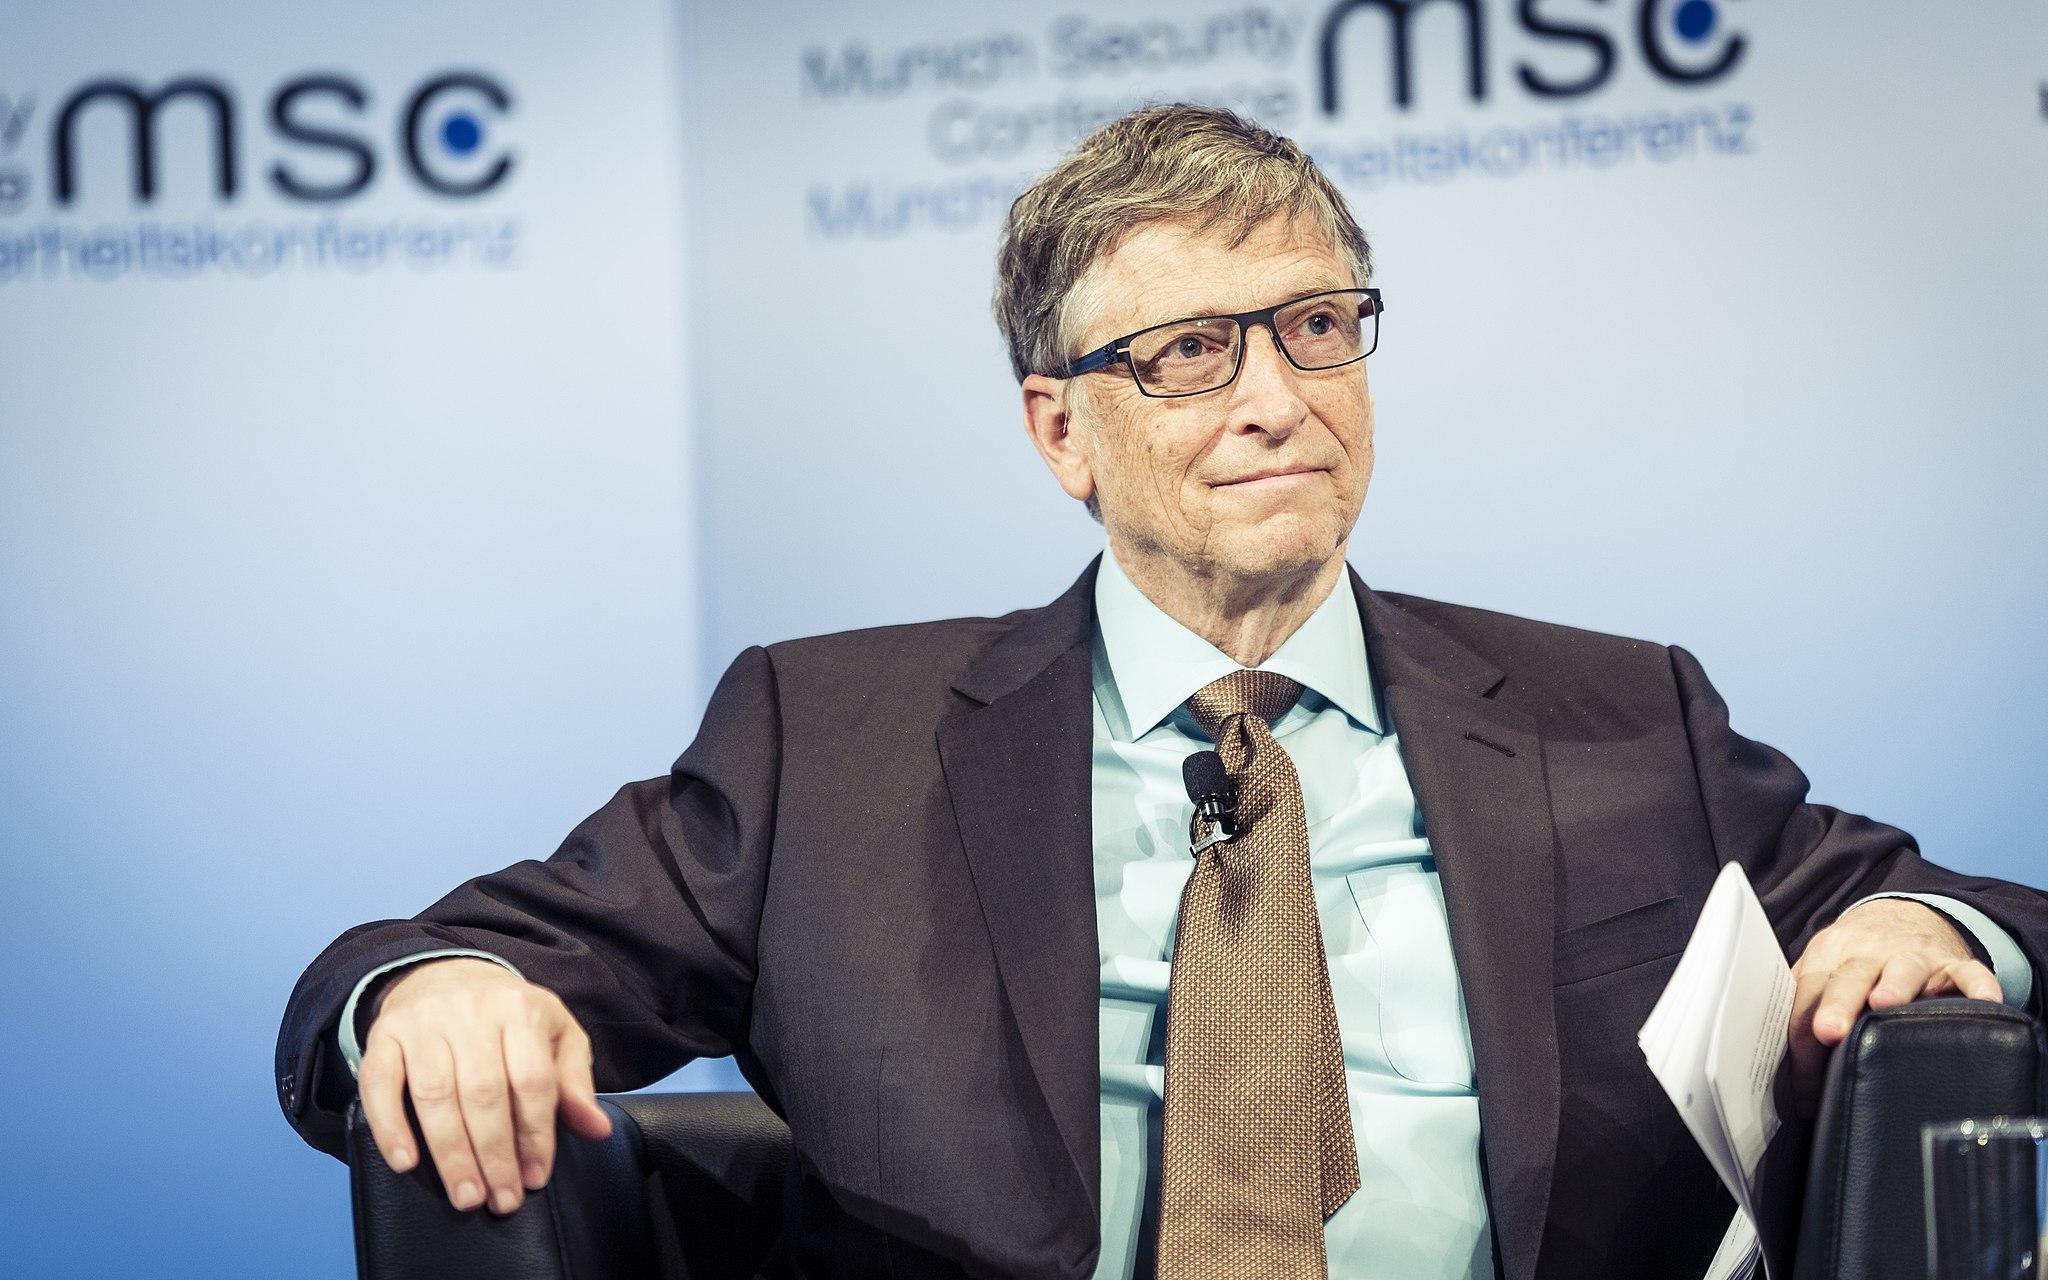 L'échec de Microsoft face à Android : « la plus grande erreur » de Bill Gates